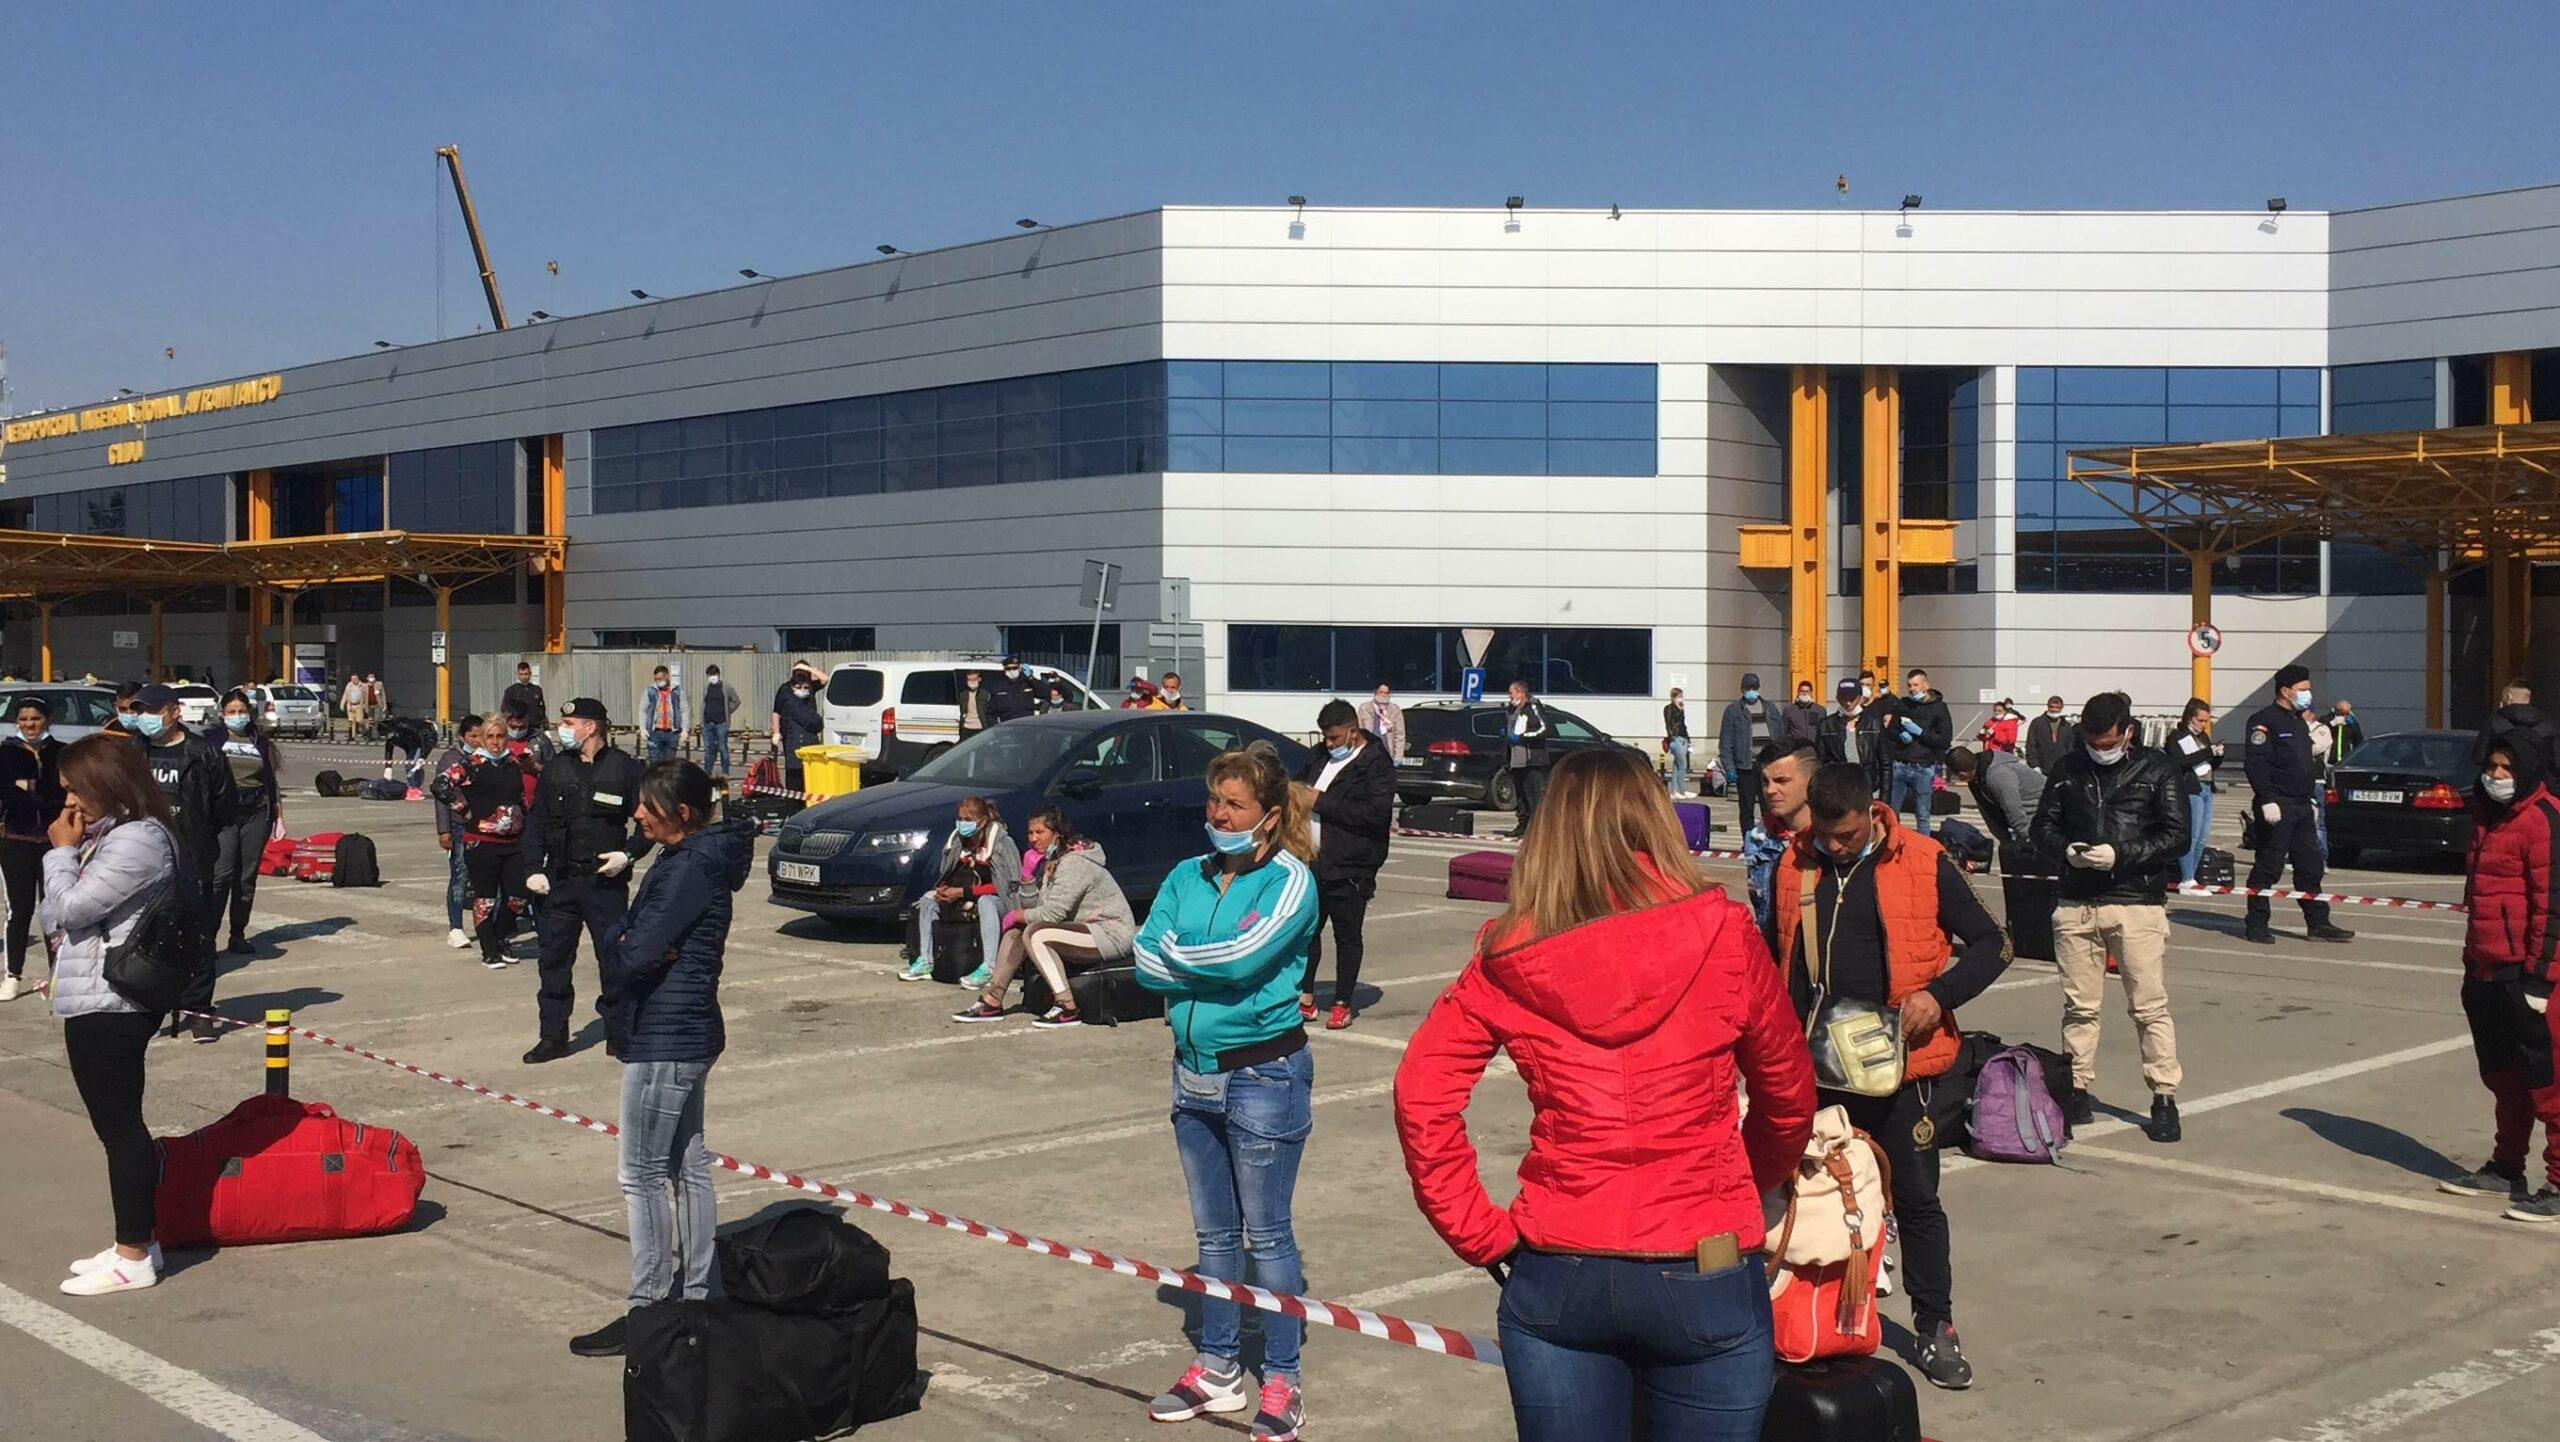 Alertă la Cluj: Zborurile spre Germania, anulate! Sute de persoane blocate. VIDEO